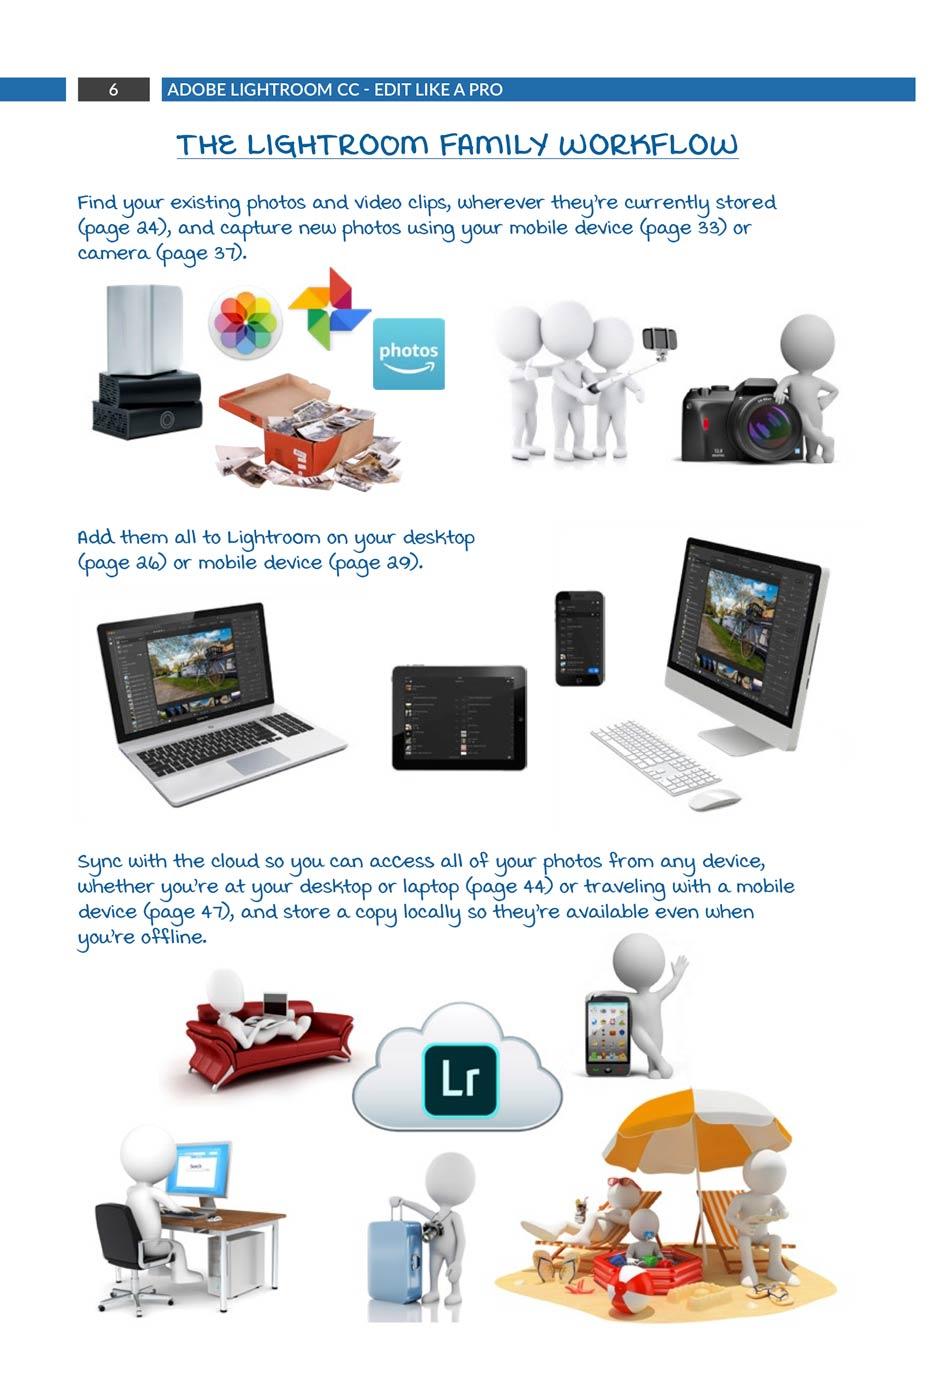 Adobe Lightroom - Edit Like a Pro